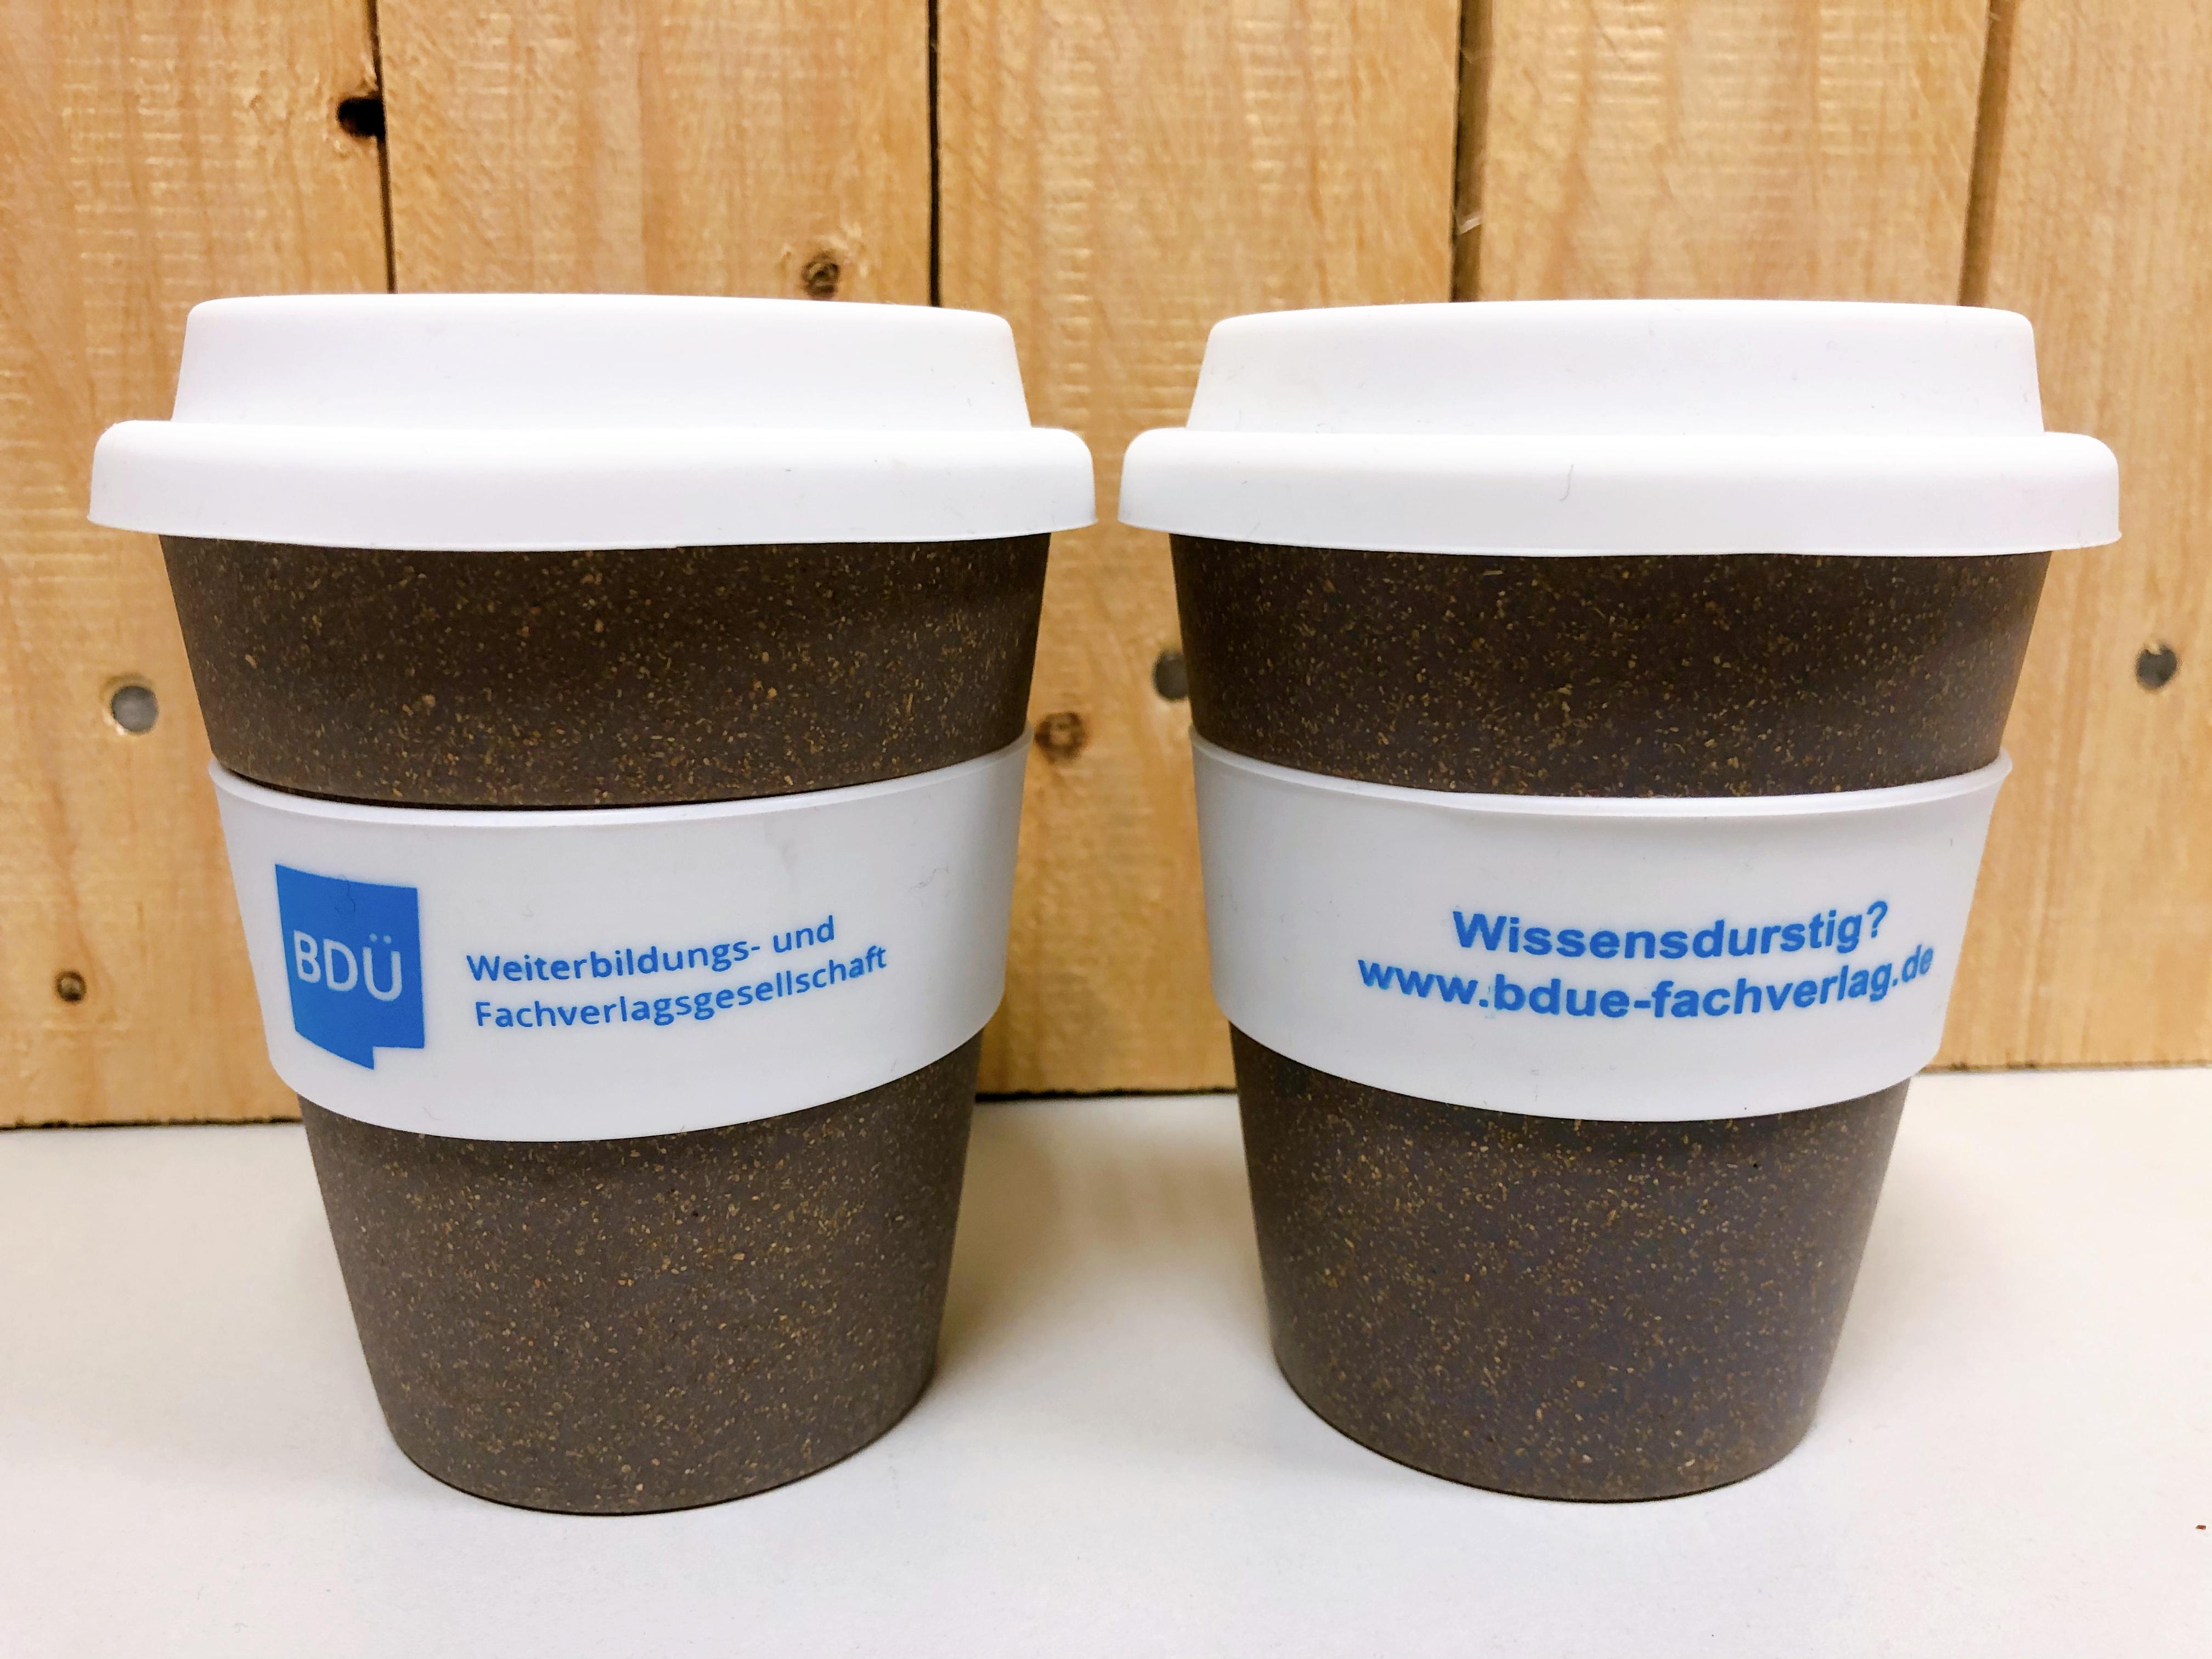 Coffee-to-go-Becher - Wissensdurstig? www.bdue-fachverlag.de